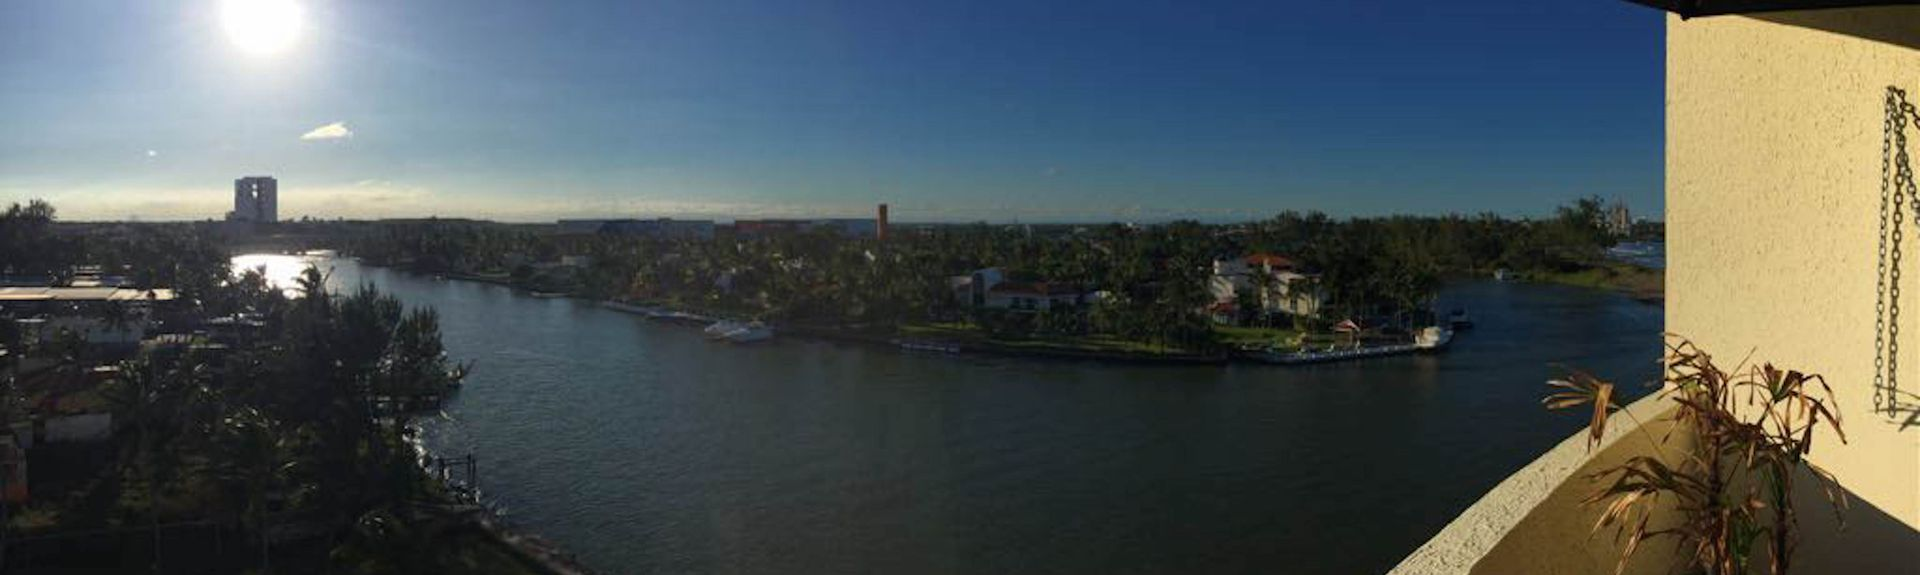 Boca del Río, Veracruz, Mexico